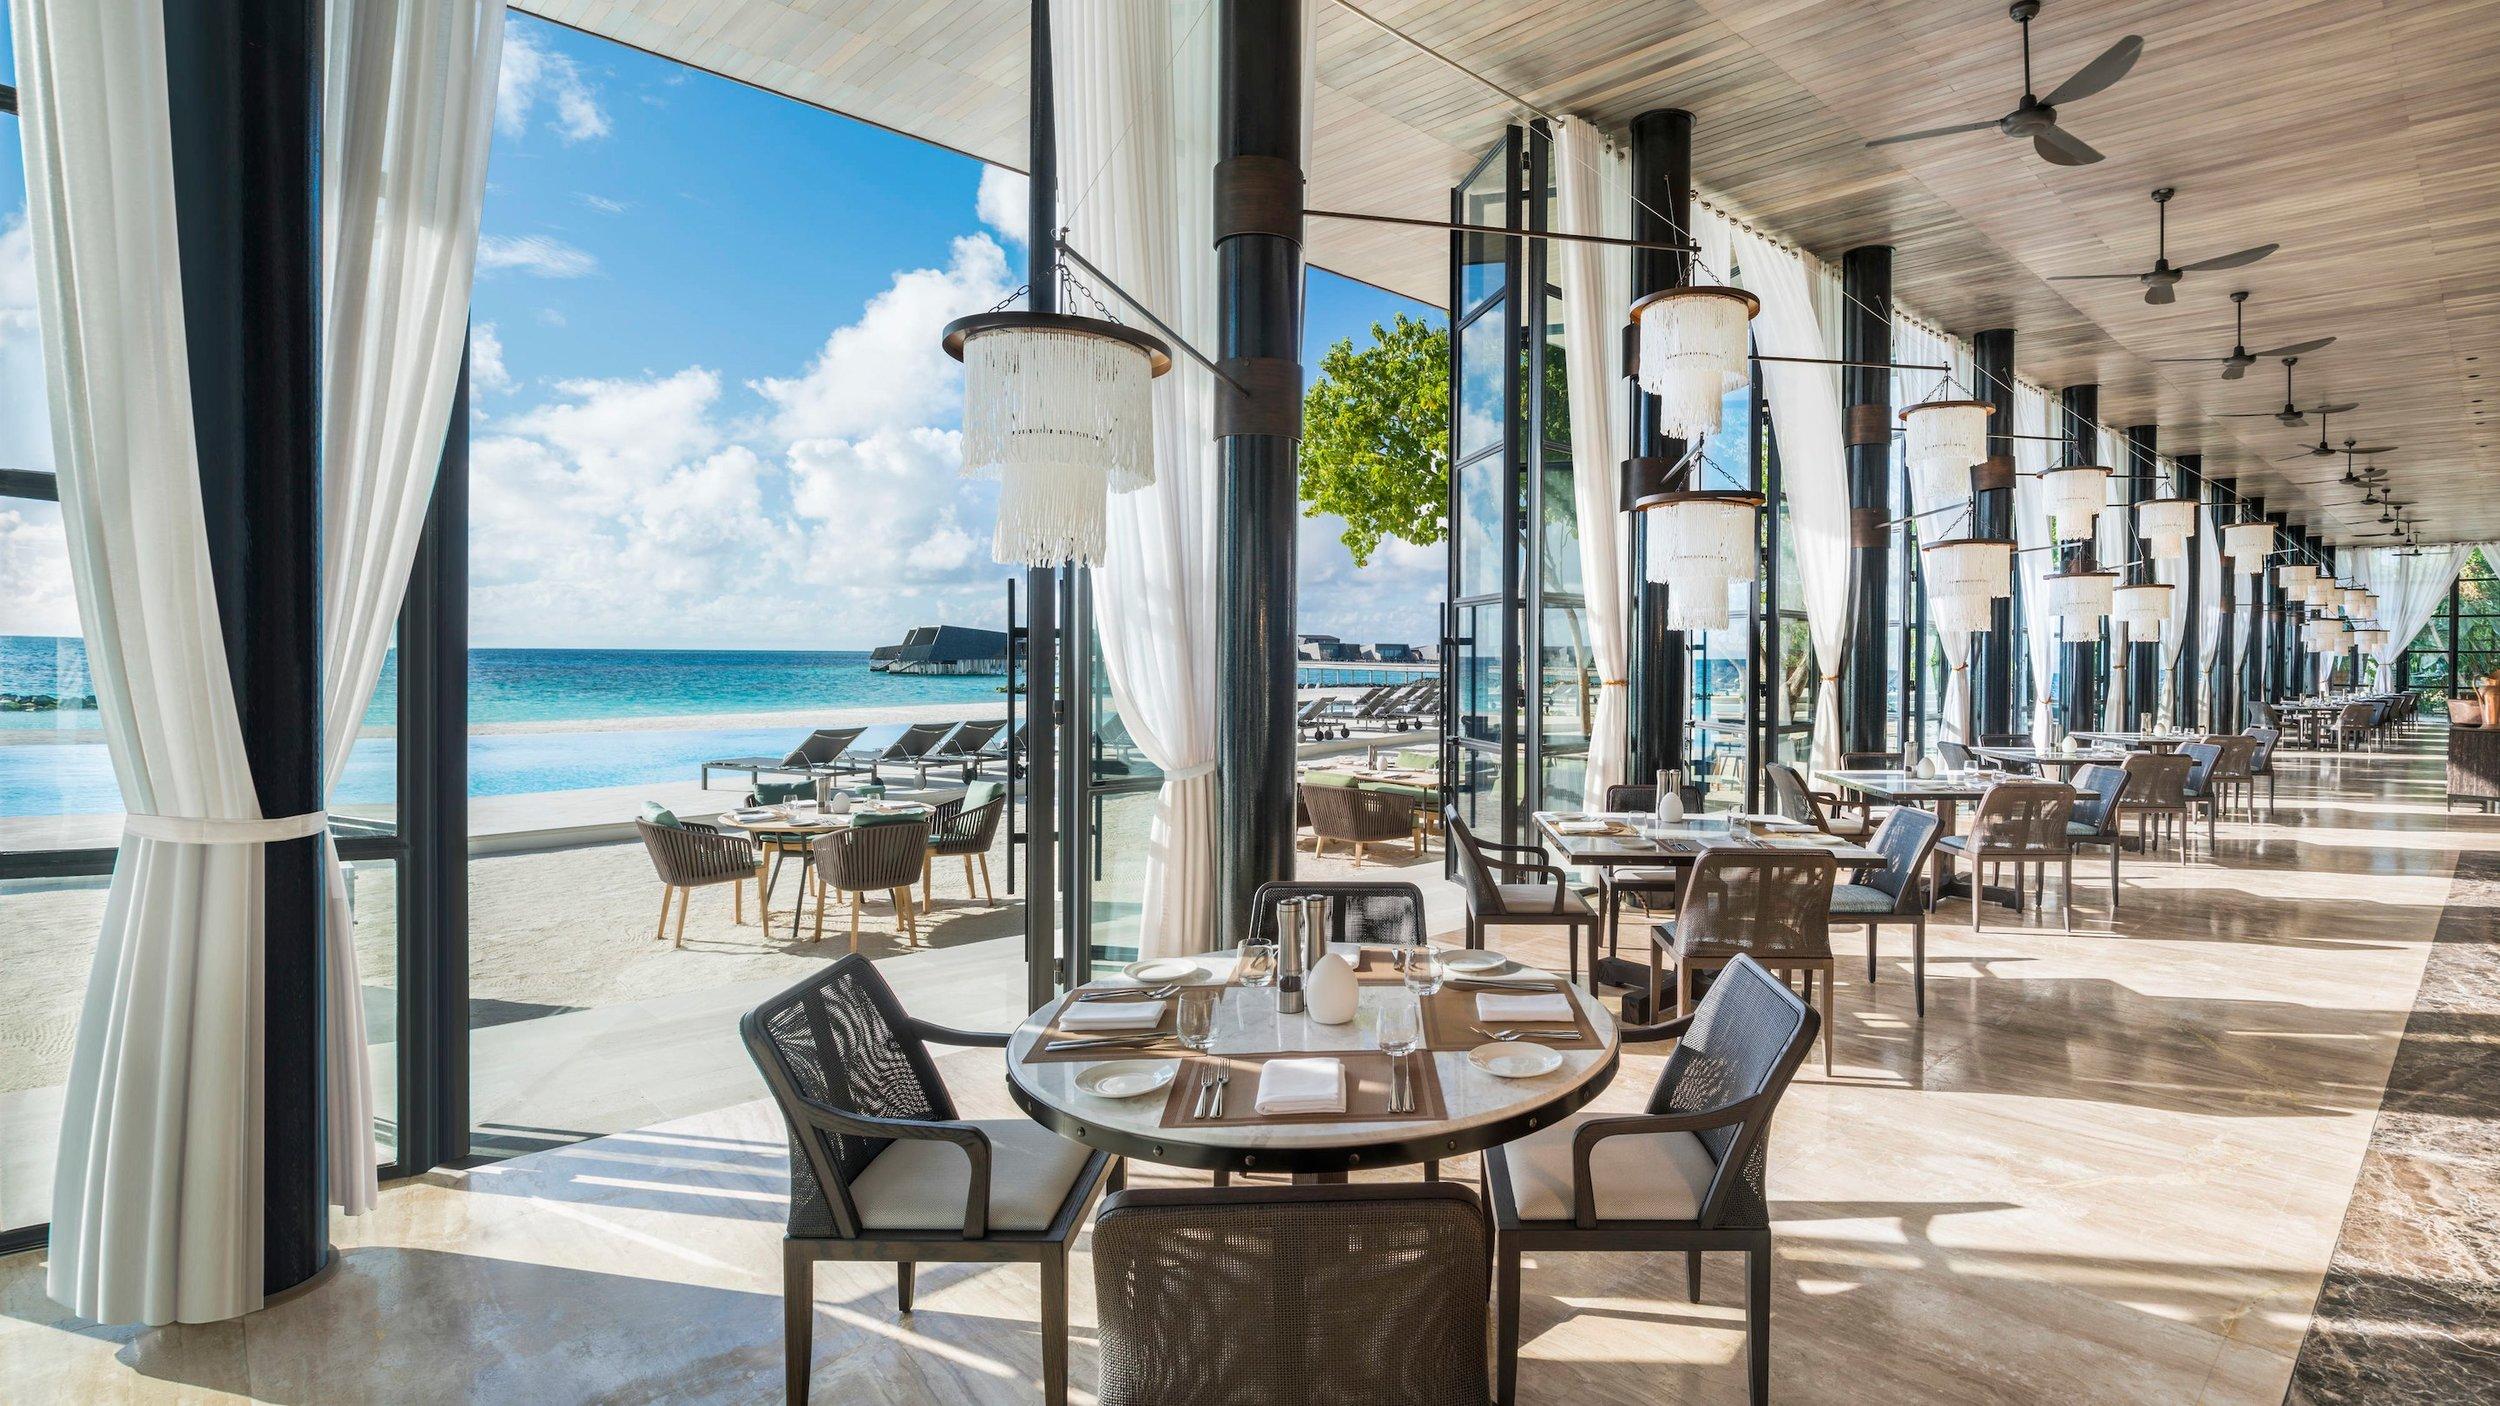 mlexr-restaurant-4362-hor-wide.jpg